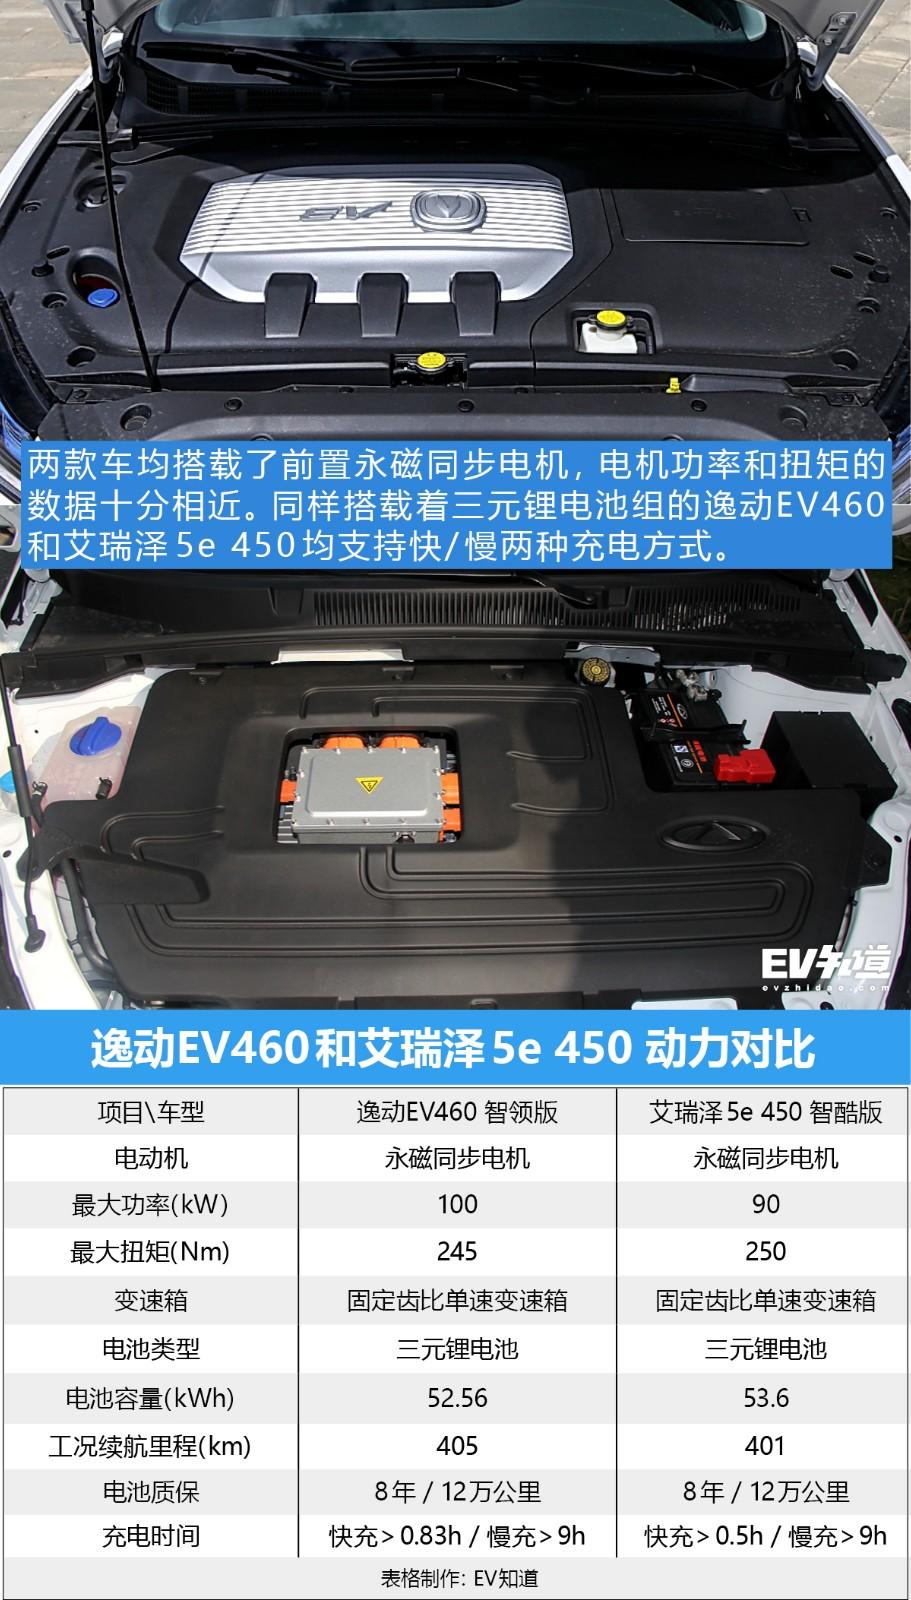 拼颜值还是比实力 逸动EV460对比艾瑞泽5e 450